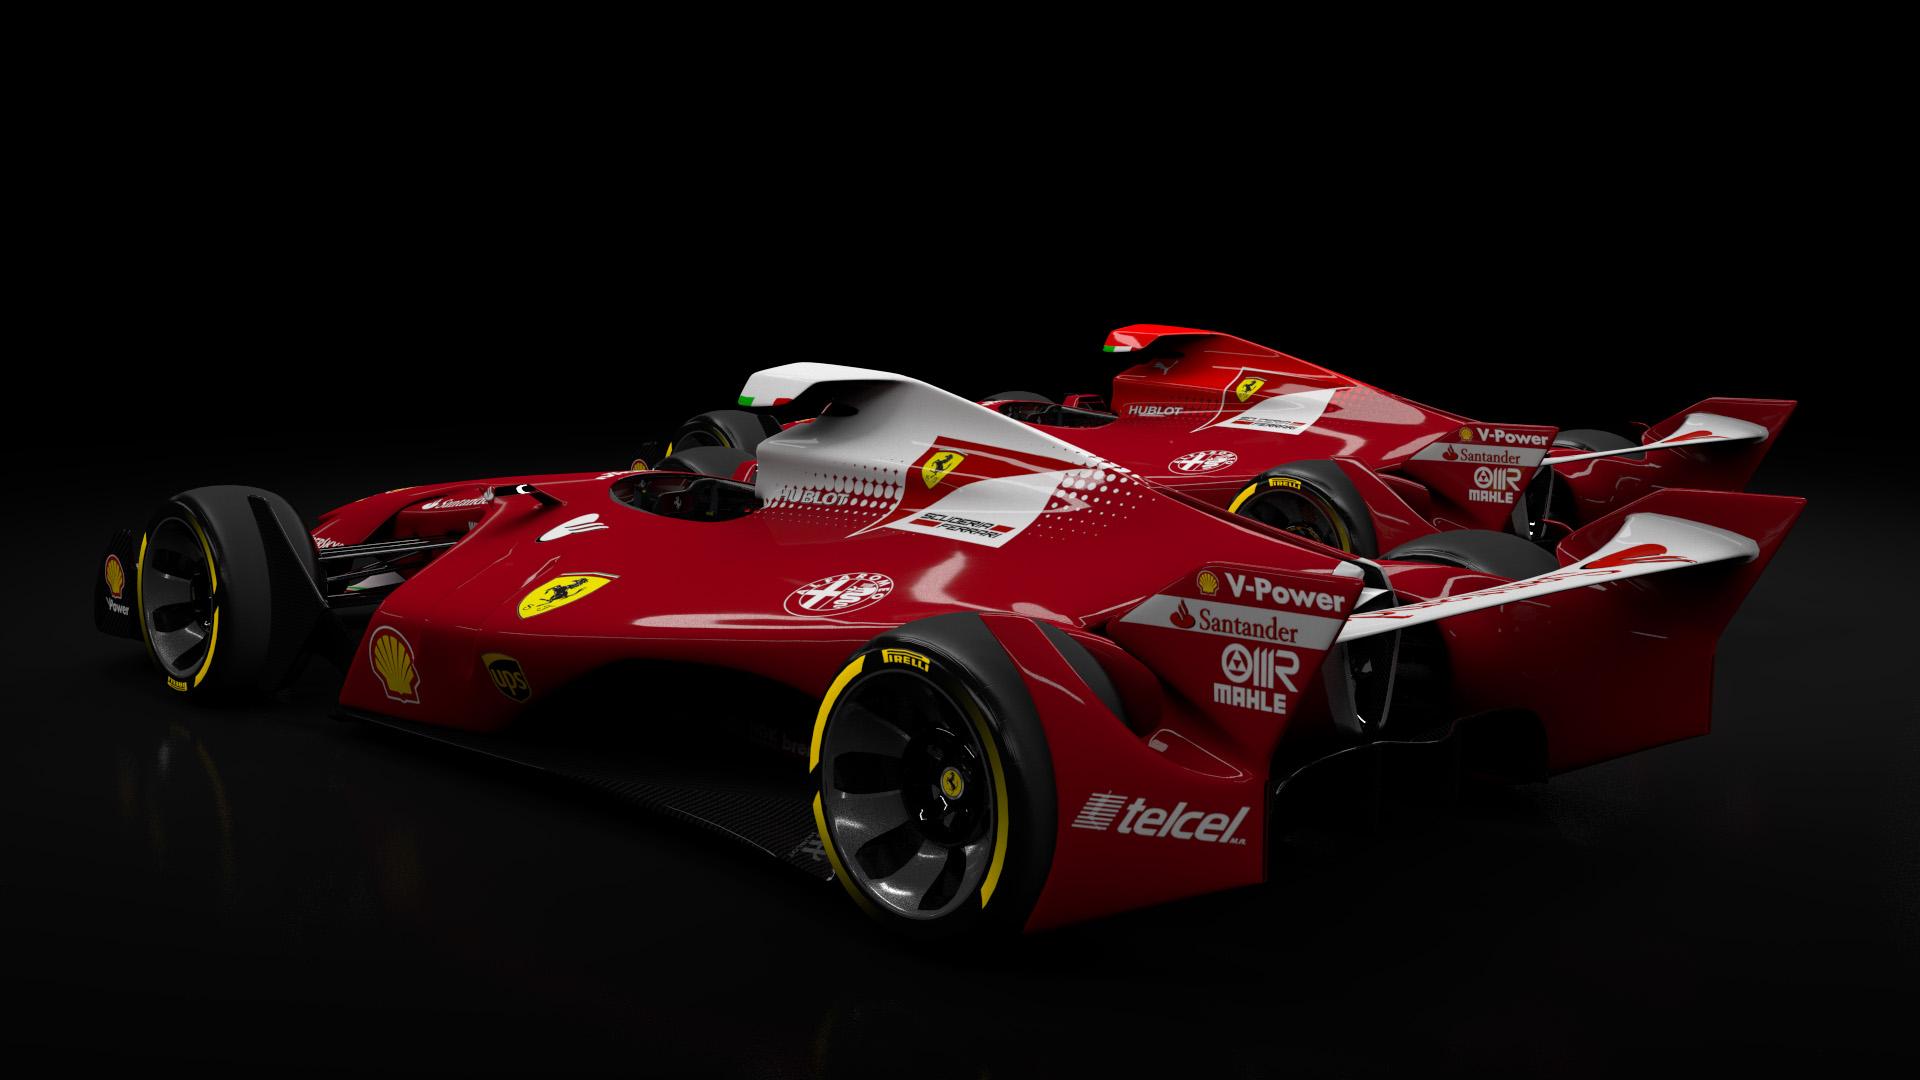 Egy ilyen Ferrari a Forma-1-ben, és soha nem kritizáljuk tovább a sportot: ÁLLAT!